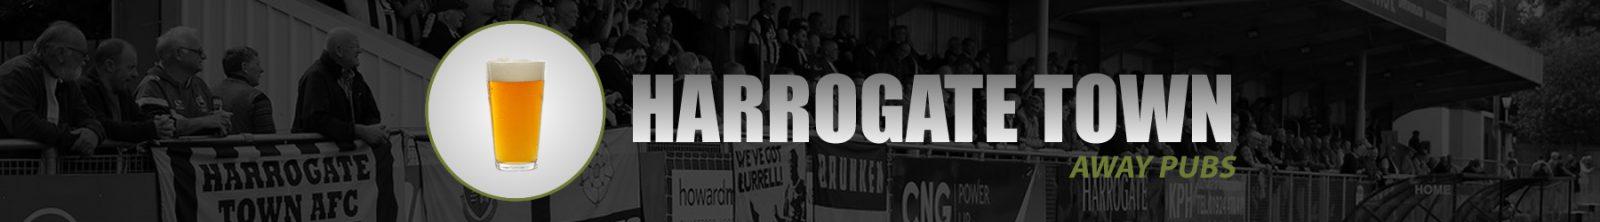 Harrogate Town Away Pubs